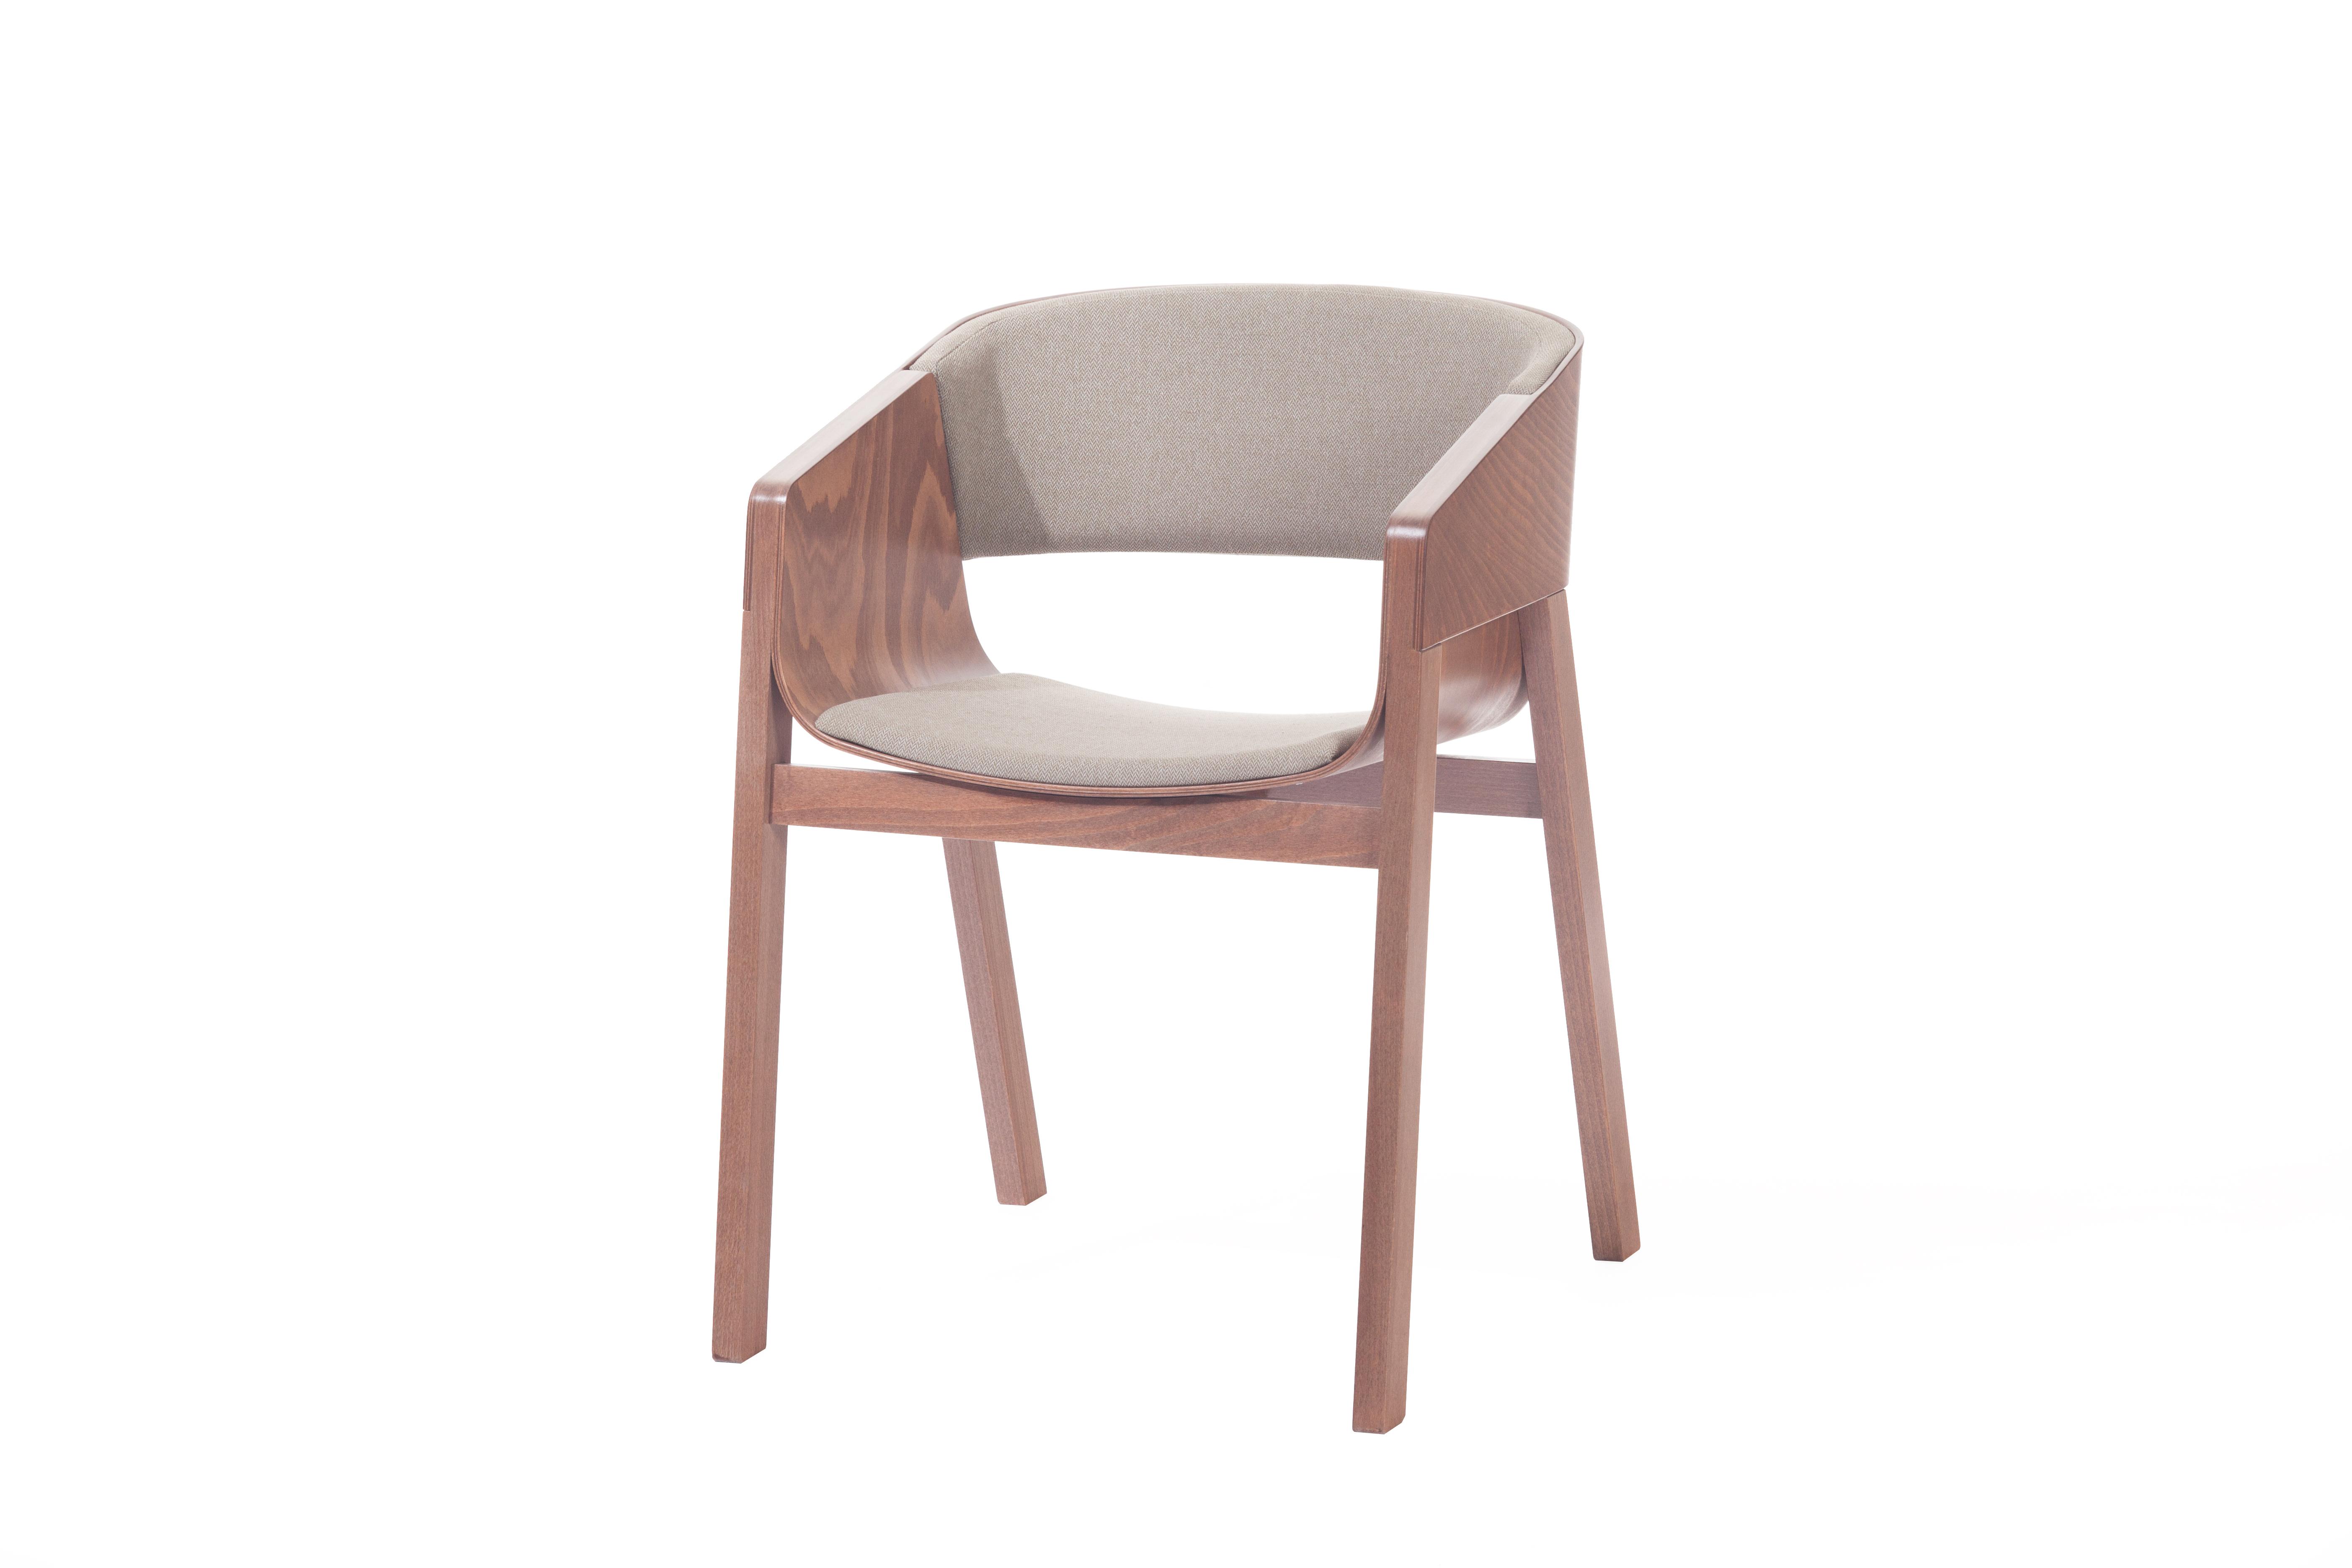 Scaun tapitat din lemn de nuc Merano Beige